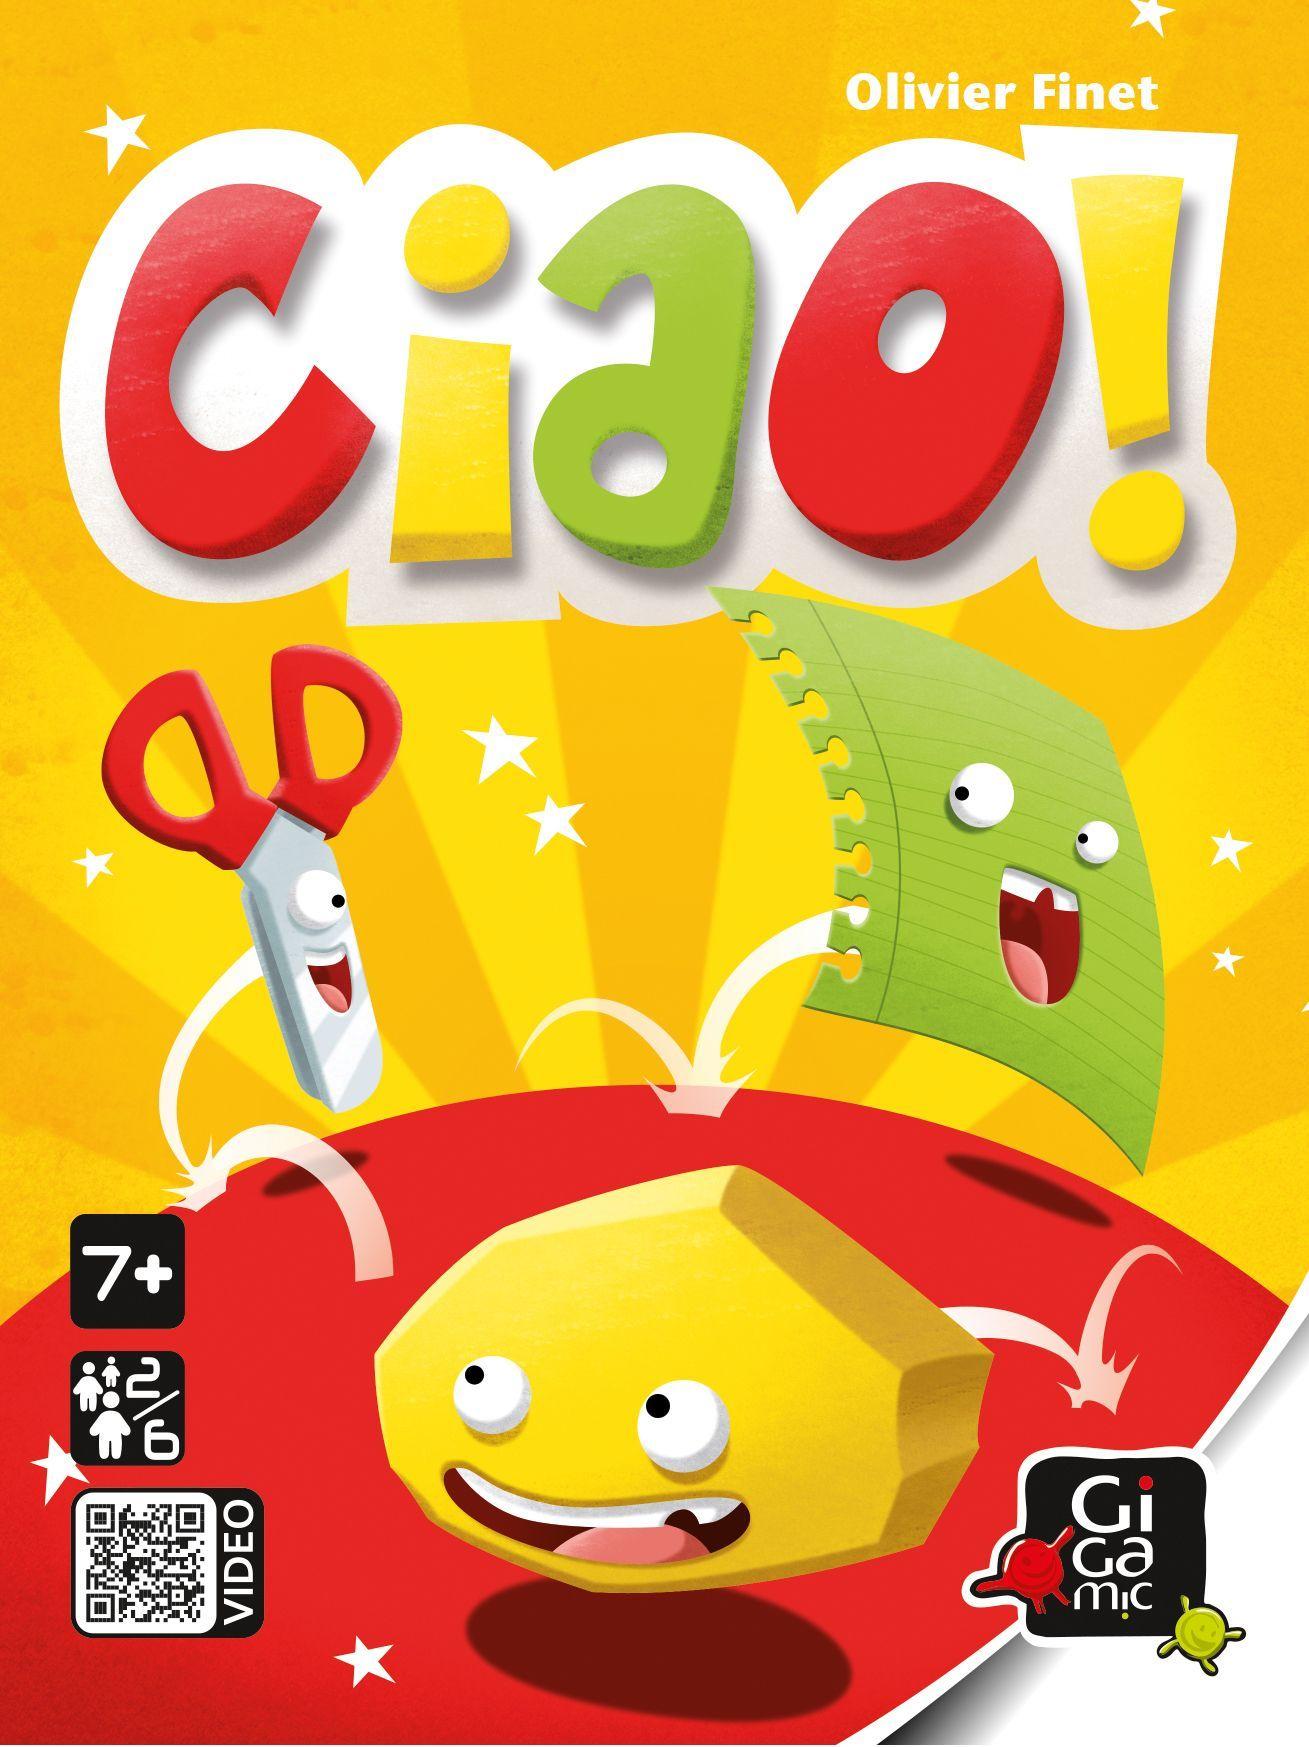 настольная игра Ciao! Чао!